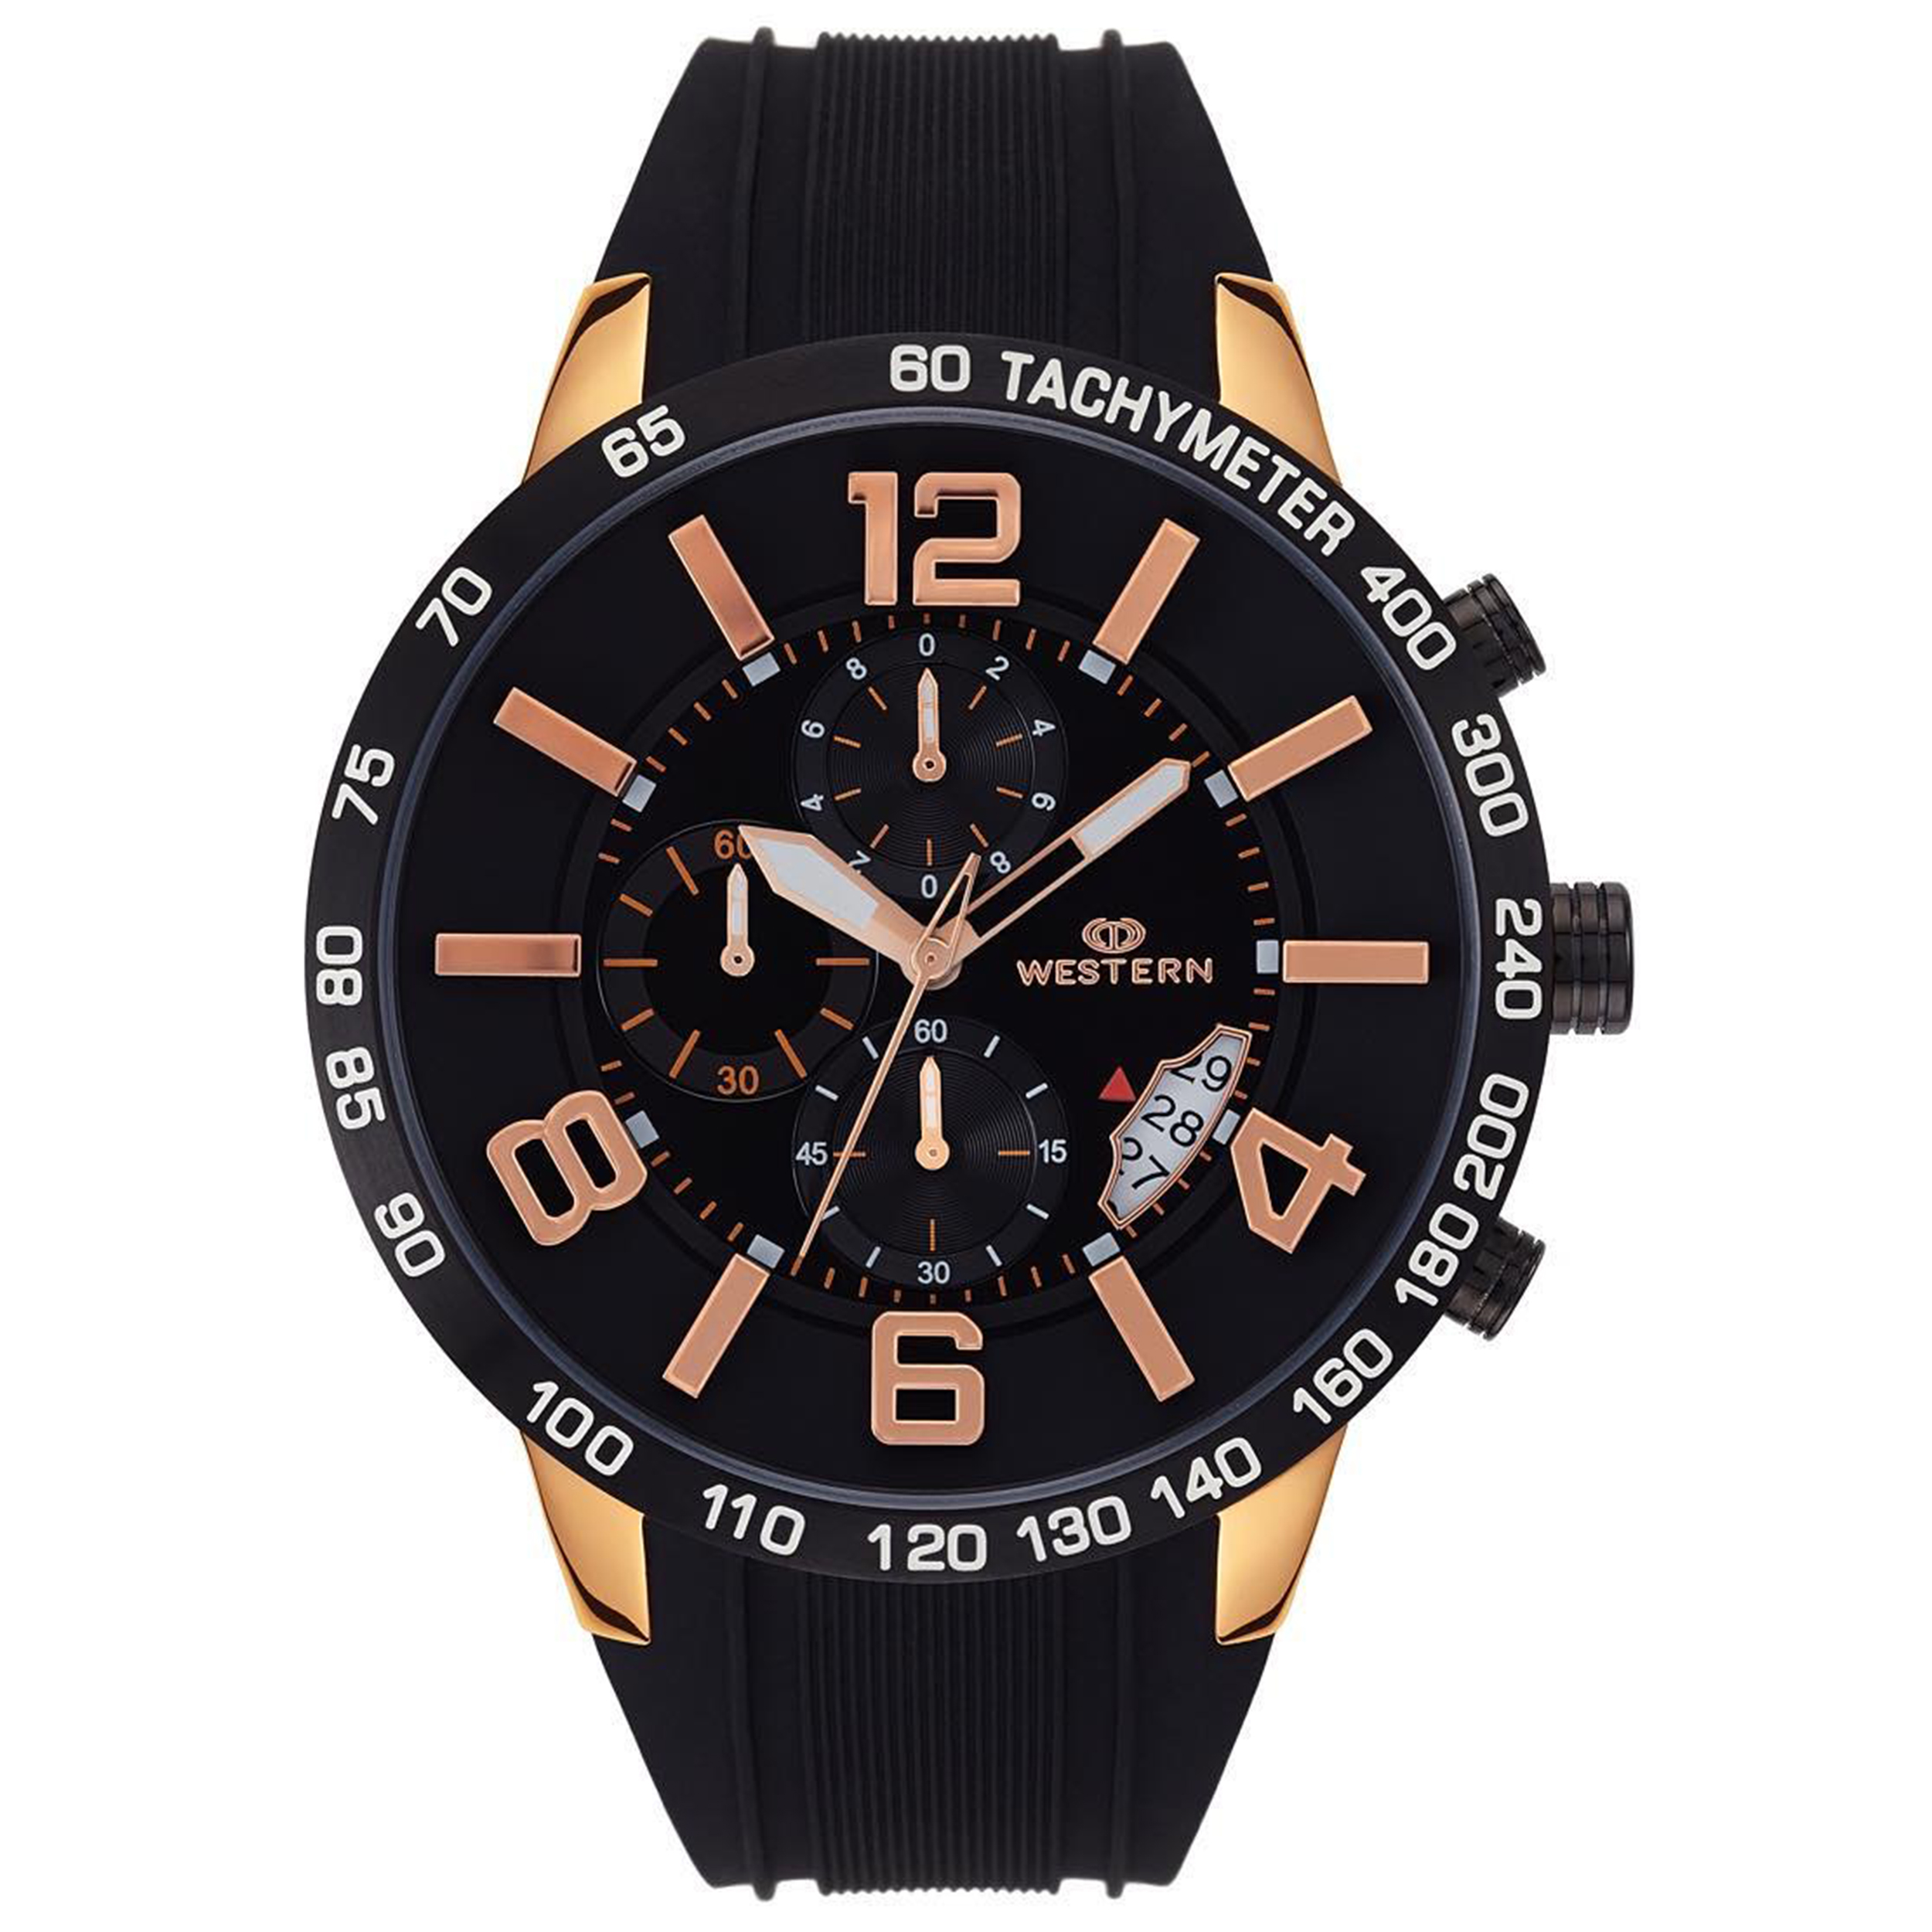 ساعت مچی  مردانه وسترن مدل W8763              اصل